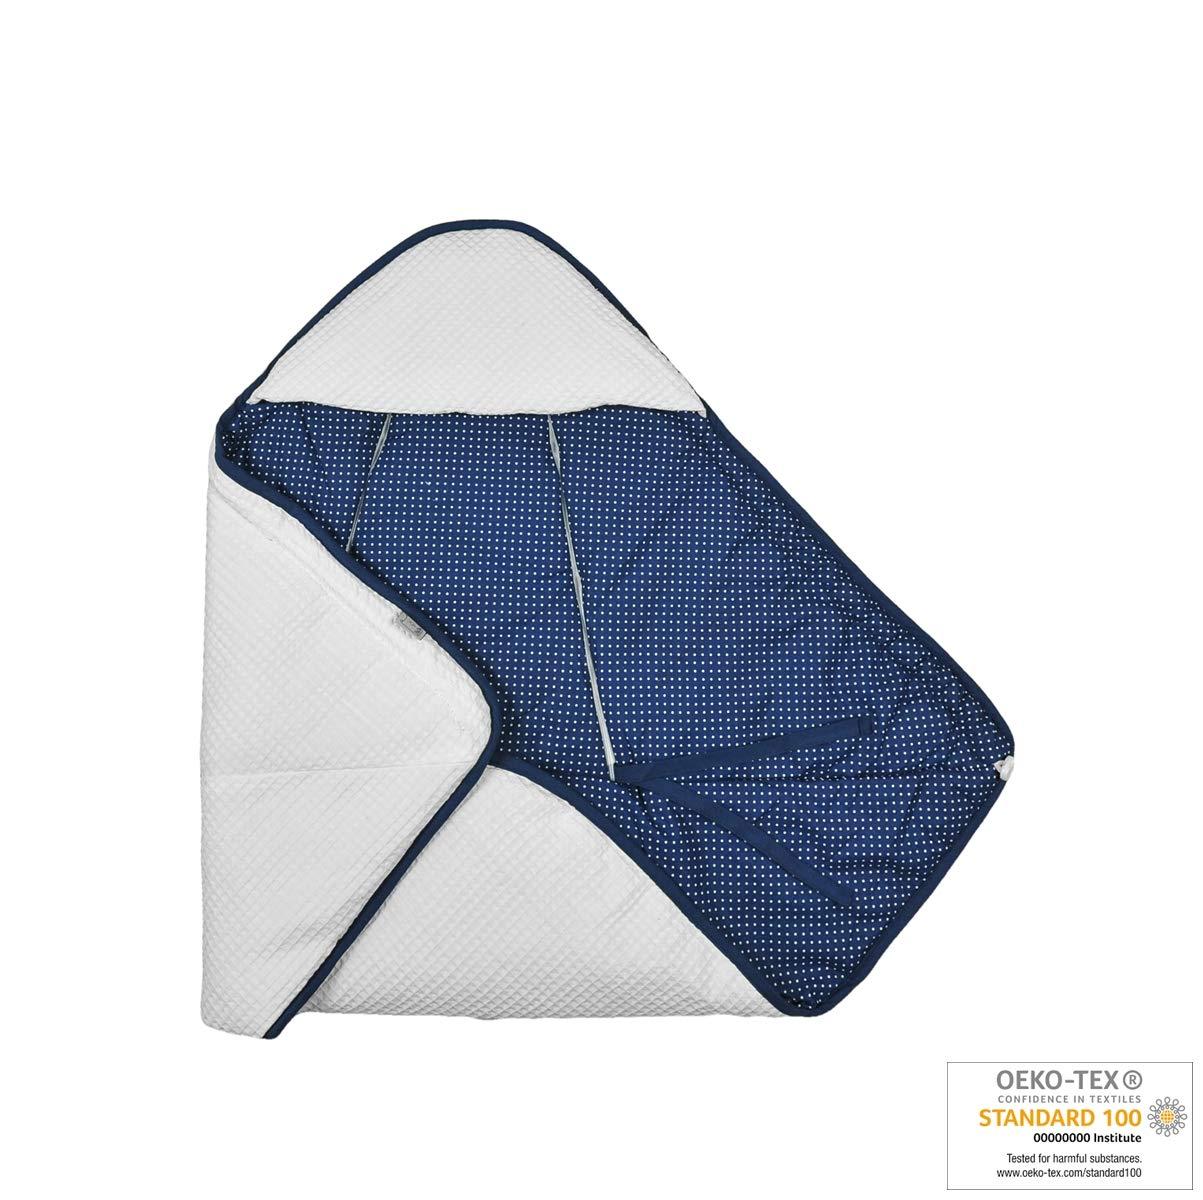 Coperta Monika New Swaddling passeggino o culla in 100/% cotone Waffle Piqu/é White - Navy Blue Bianco-Stars passeggino universale per seggiolino auto seggiolino auto